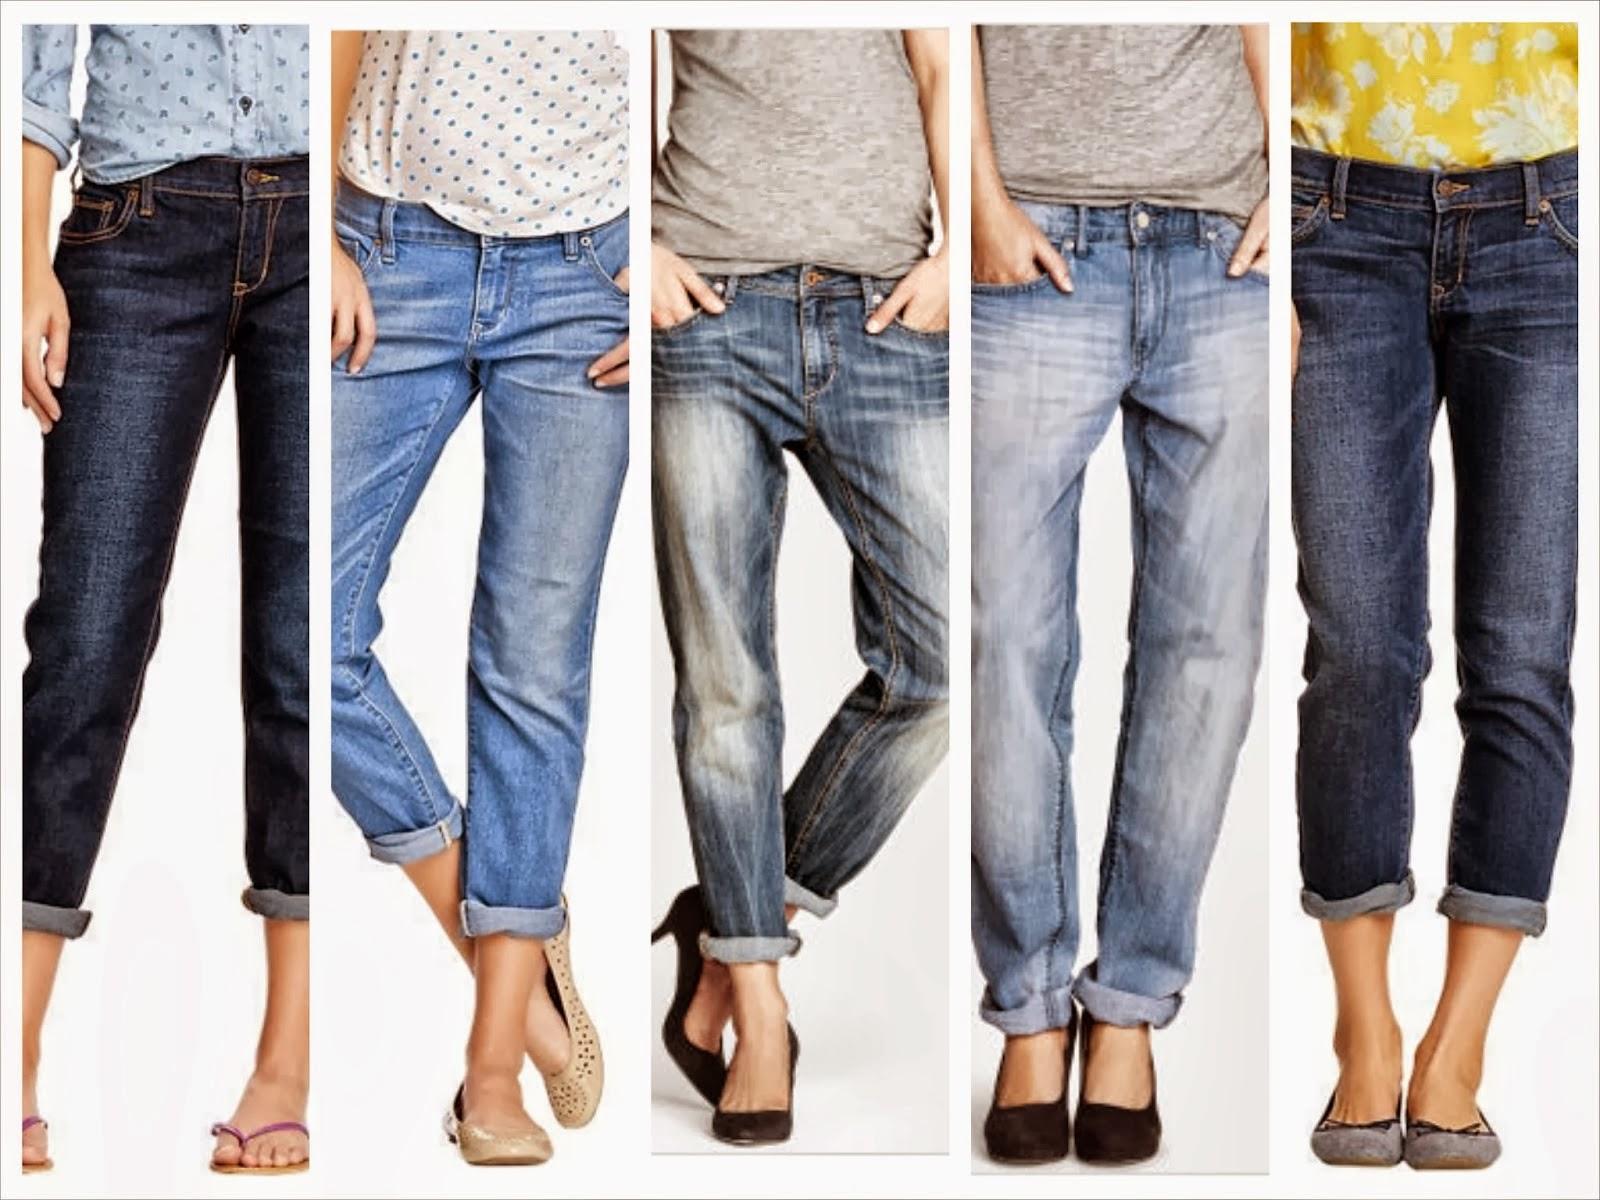 Kısa Boylu Bayanlar Pantolon Seçerken Nelere dikkat etmeli